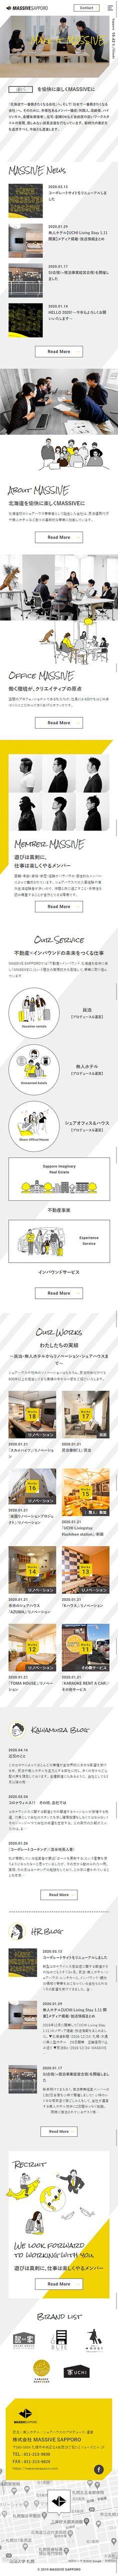 株式会社MASSIVE SAPPORO様の「不動産×インバウンドで北海道を愉快に楽しくマッシブに」のスマホランディングページ(LP)シンプル系|住宅・不動産 #LP #ランディングページ #ランペ #不動産×インバウンドで北海道を愉快に楽しくマッシブに Web Japan, Web Design, Design Web, Website Designs, Site Design